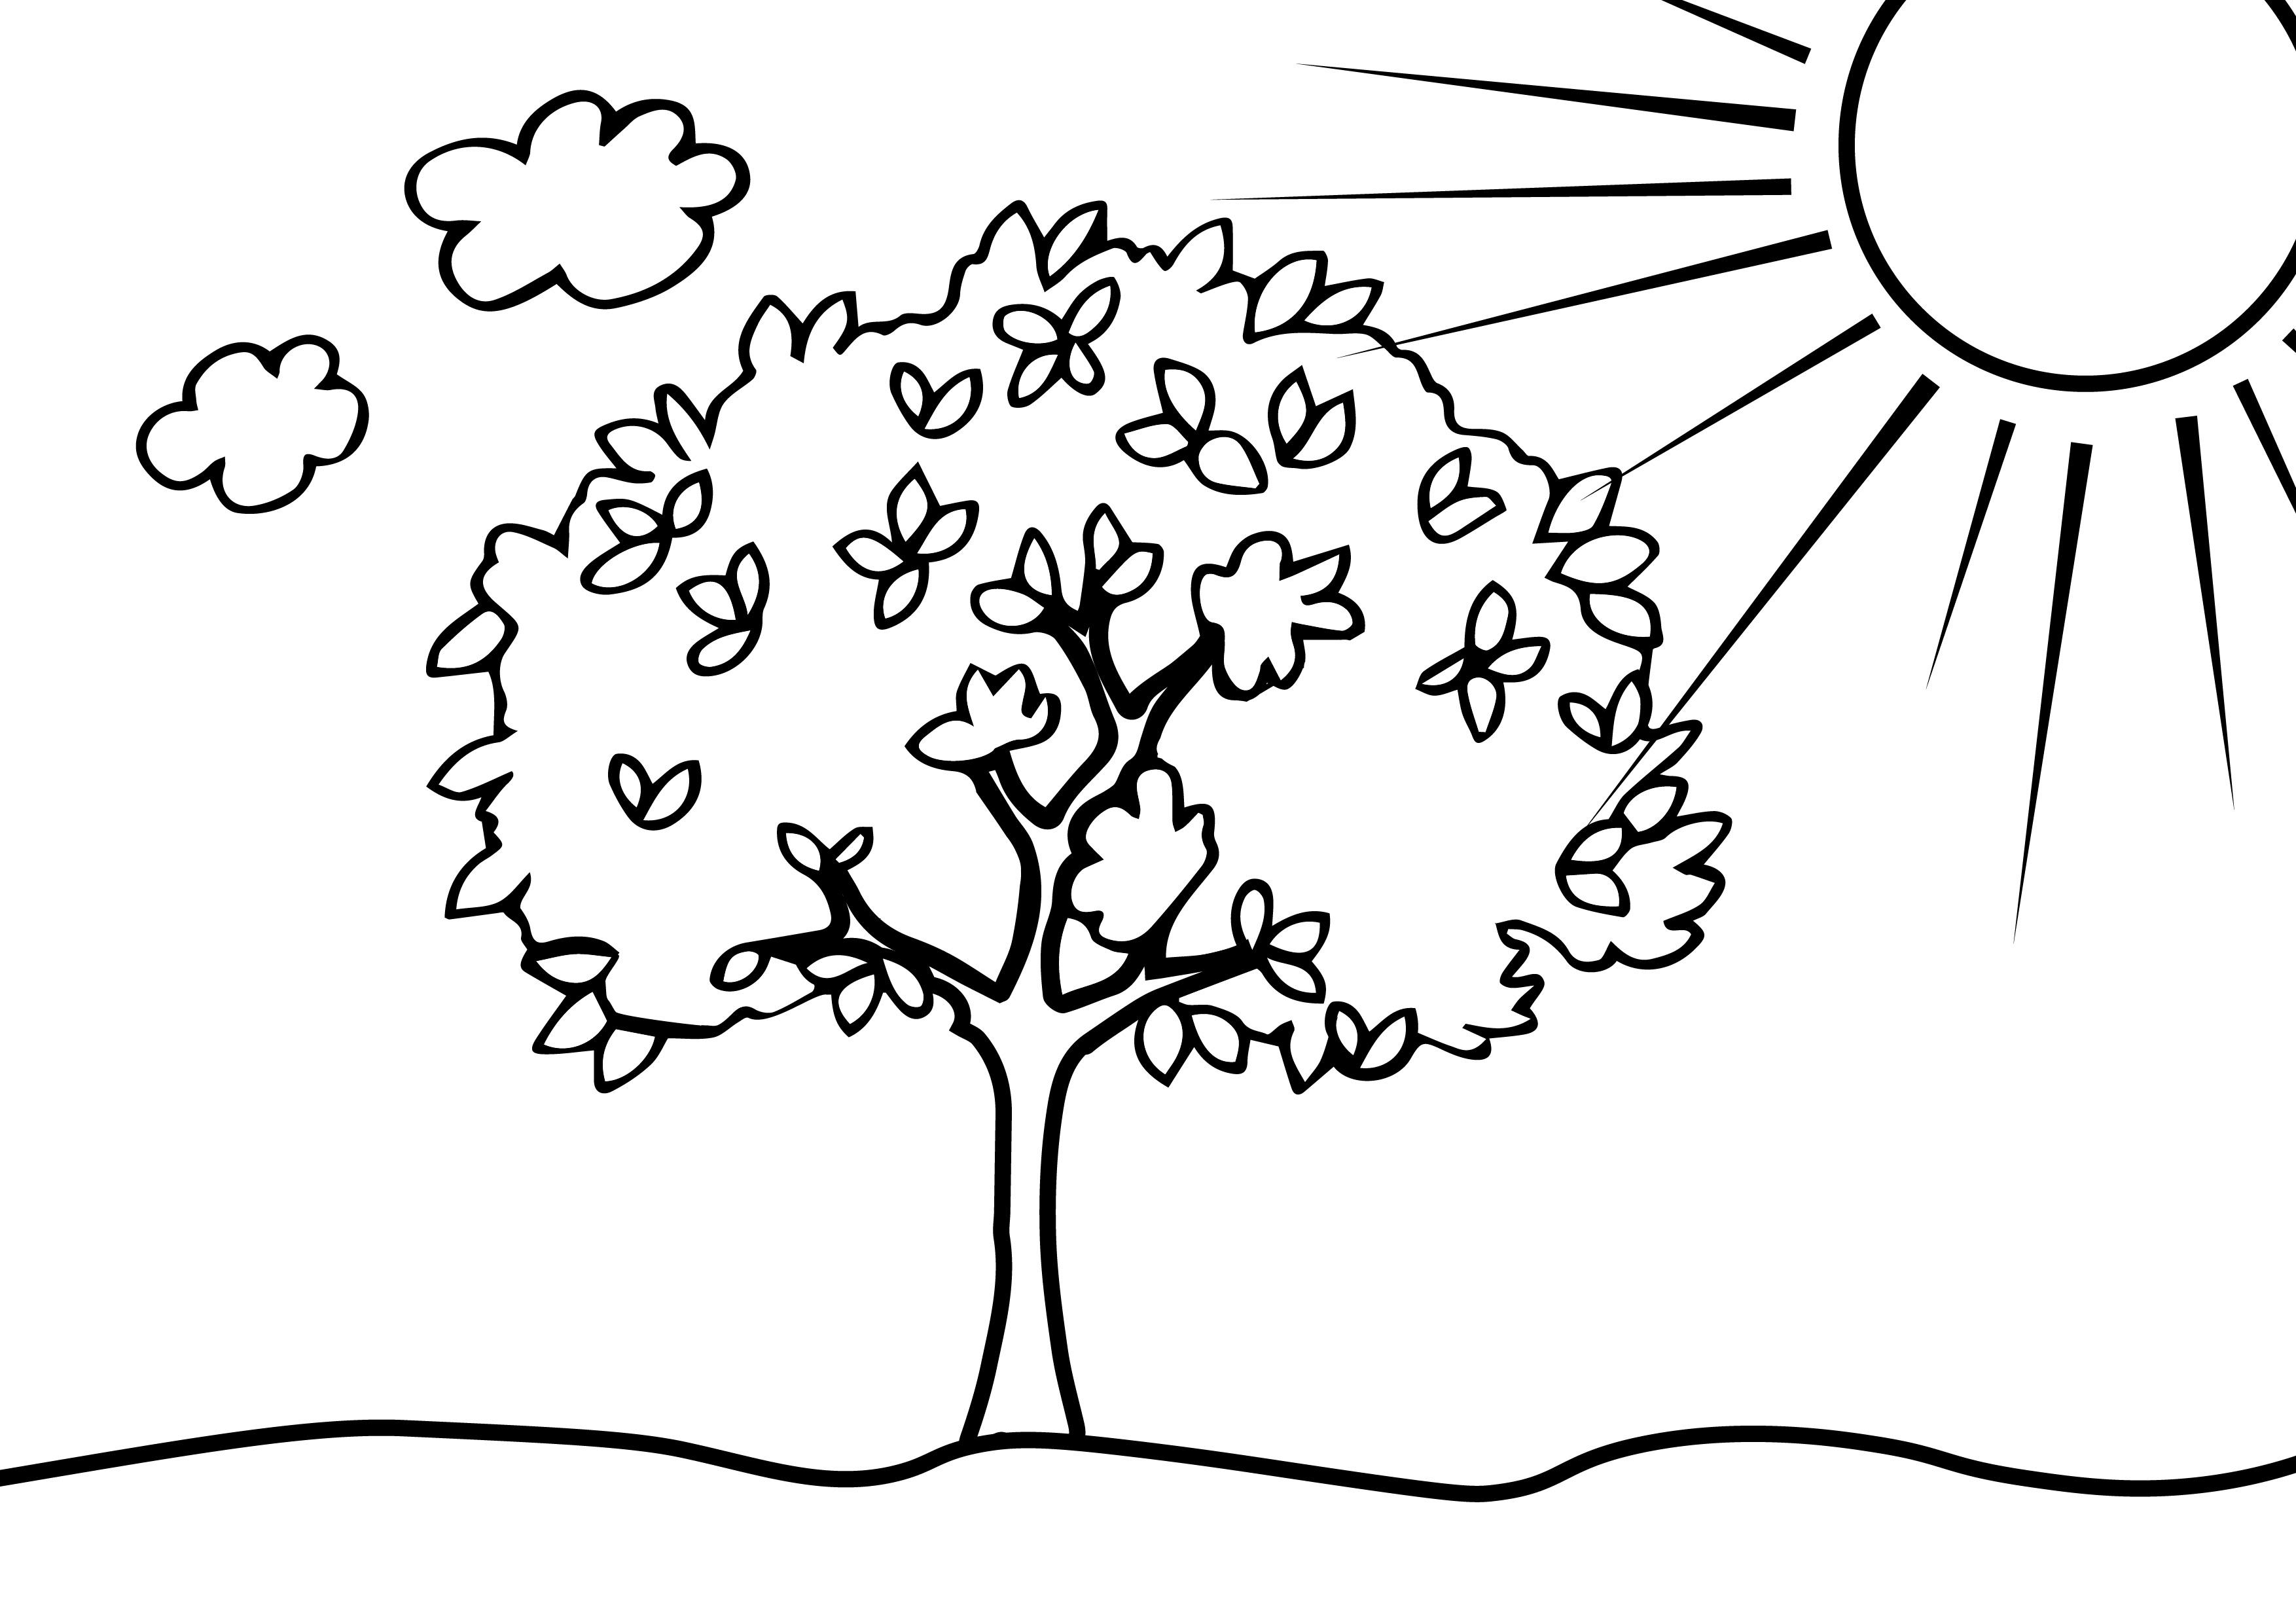 Rätselblatt zur Fotosynthese